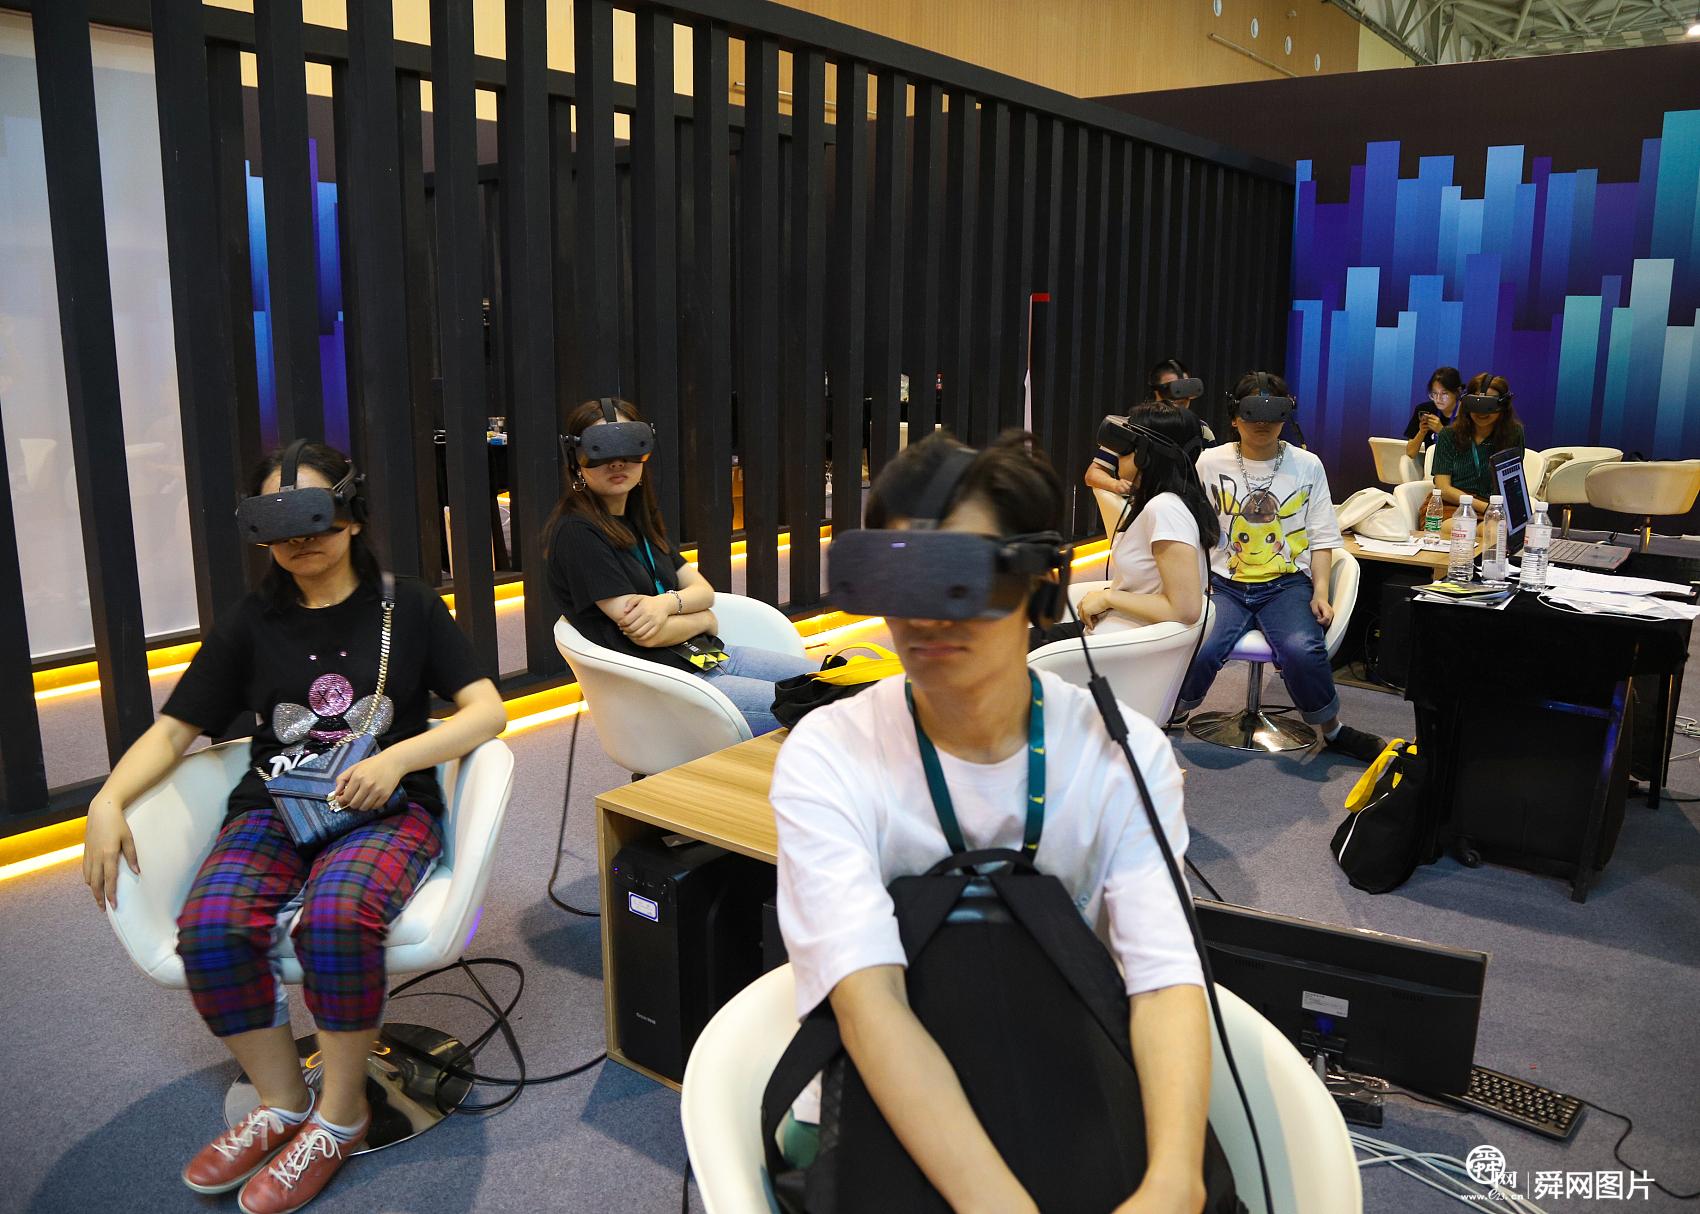 科技感十足!实拍2019国际虚拟现实创新大会现场